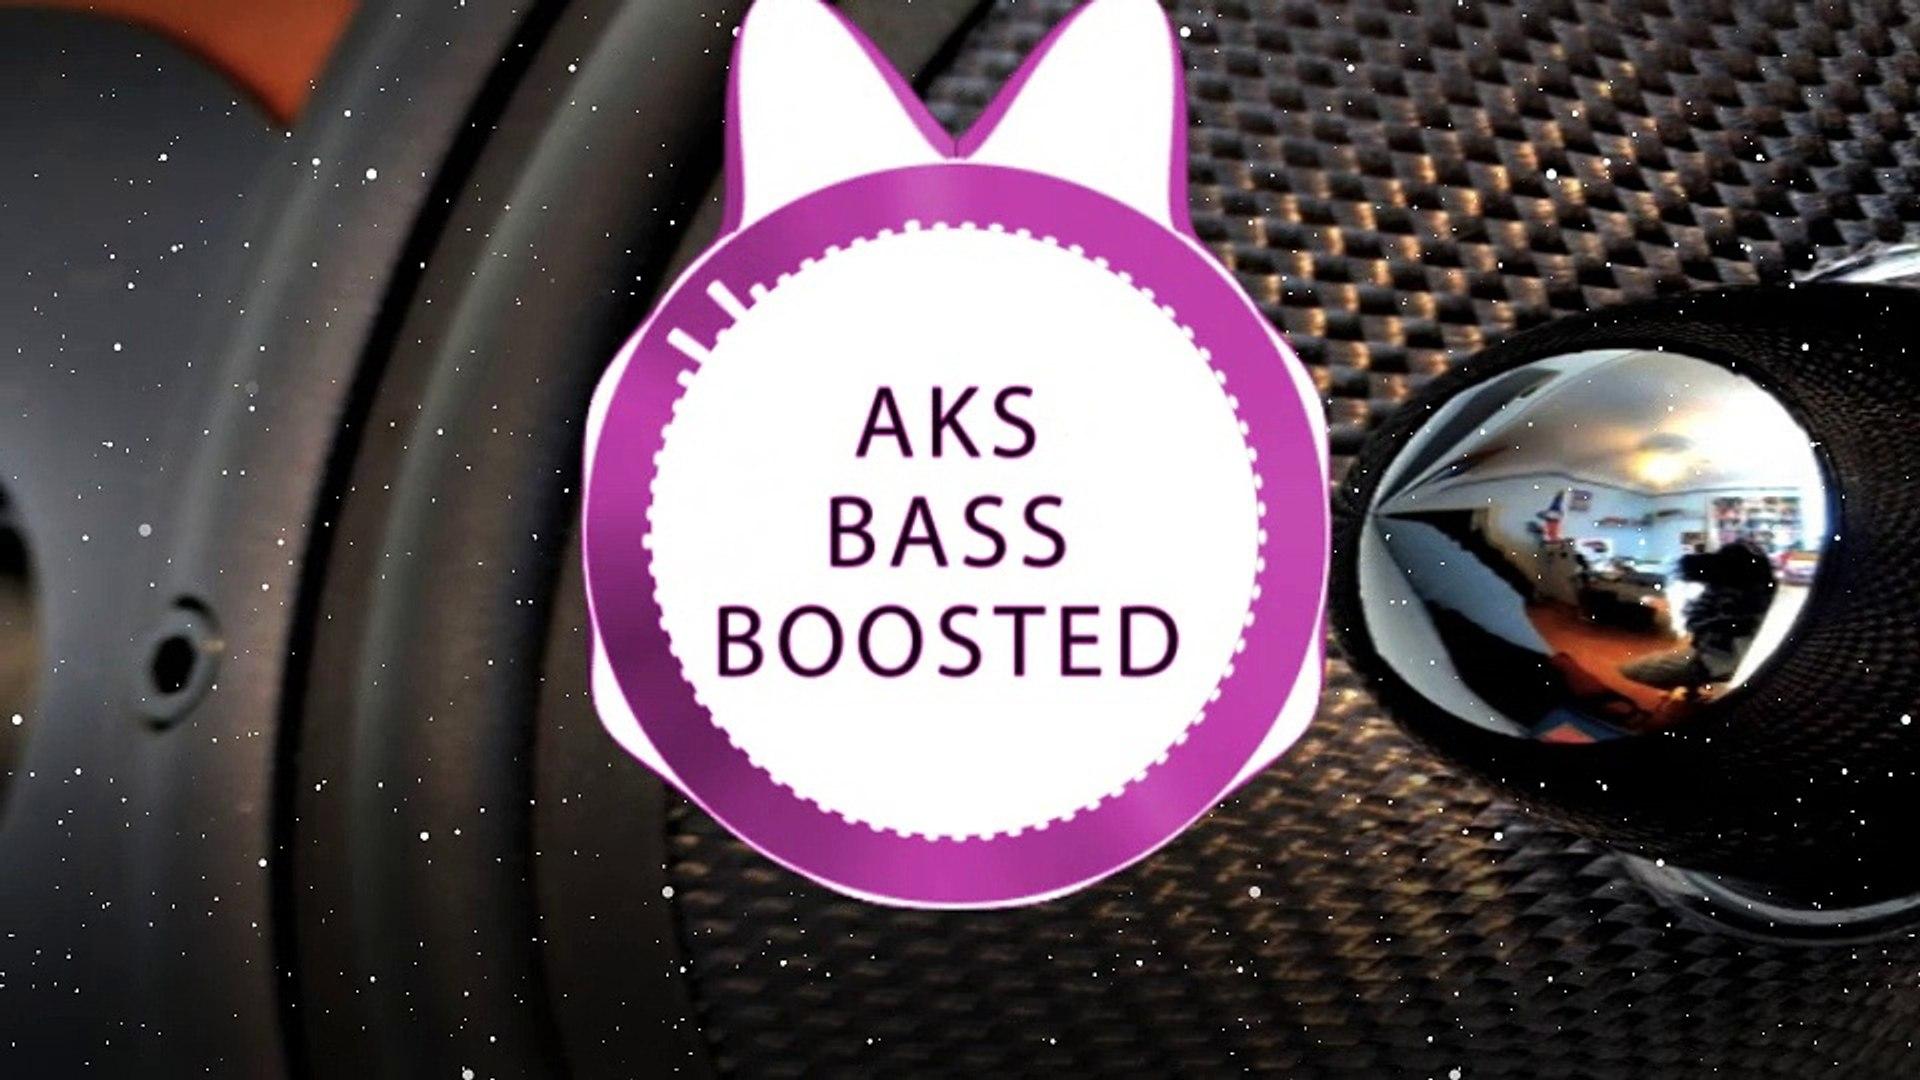 EXTREME BASS TEST BASS TEST DO NOT WATCH|| AKS BASS BOOSTED